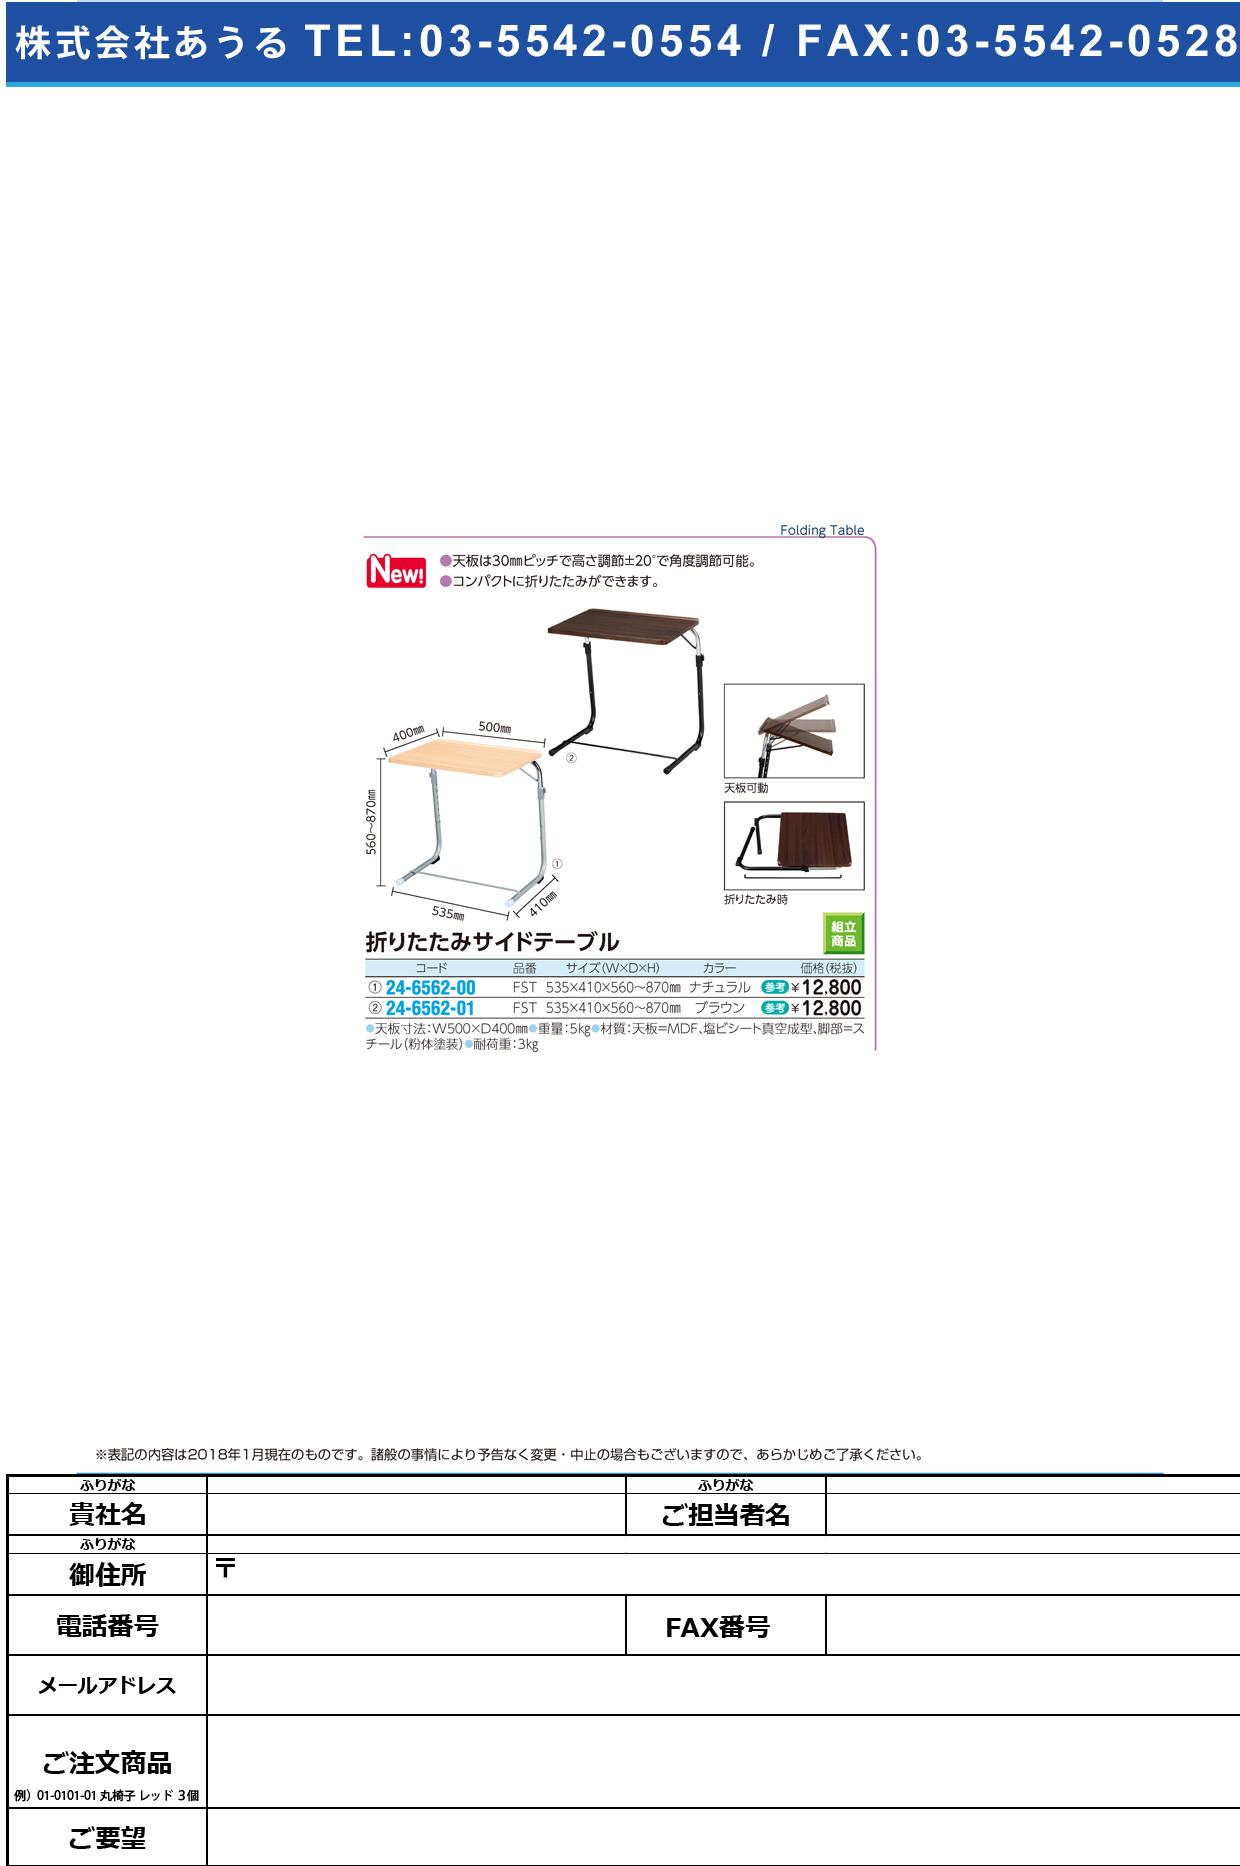 (24-6562-00)折りたたみサイドテーブル FST(ナチュラル) オリタタミサイドテーブル【1台単位】【2018年カタログ商品】